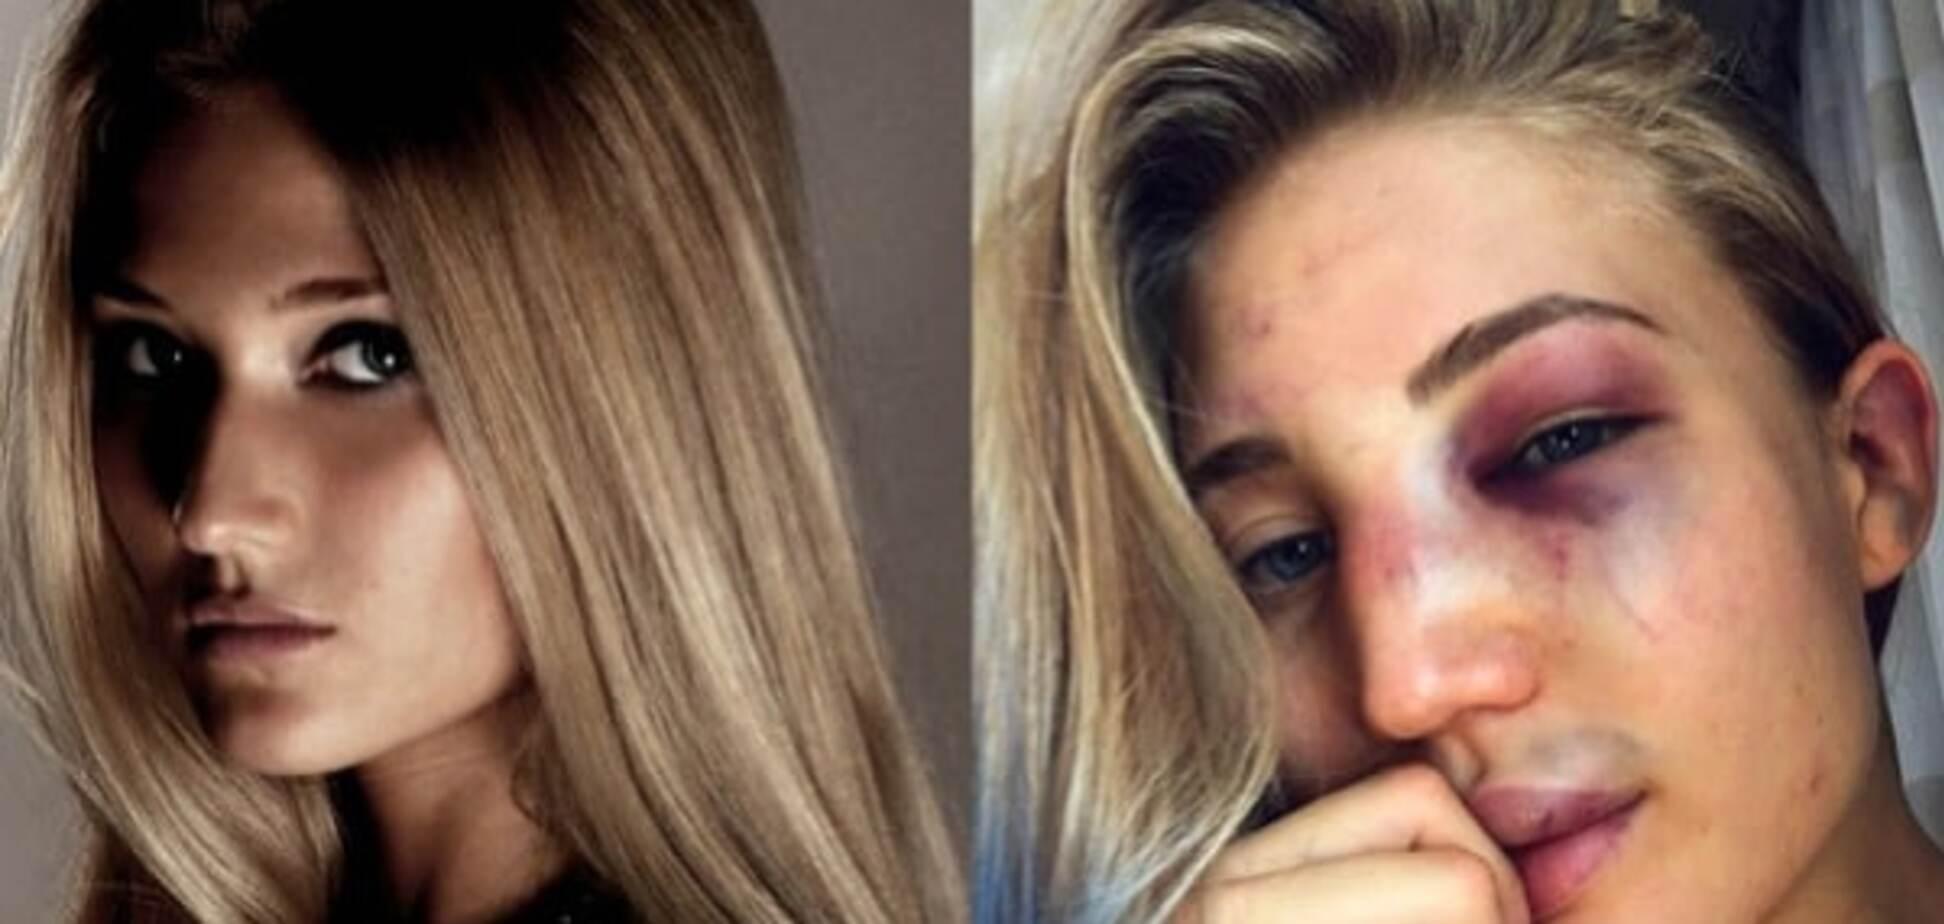 Блогеры показали, как выглядят девушки после боев в ММА: шокирующие фото